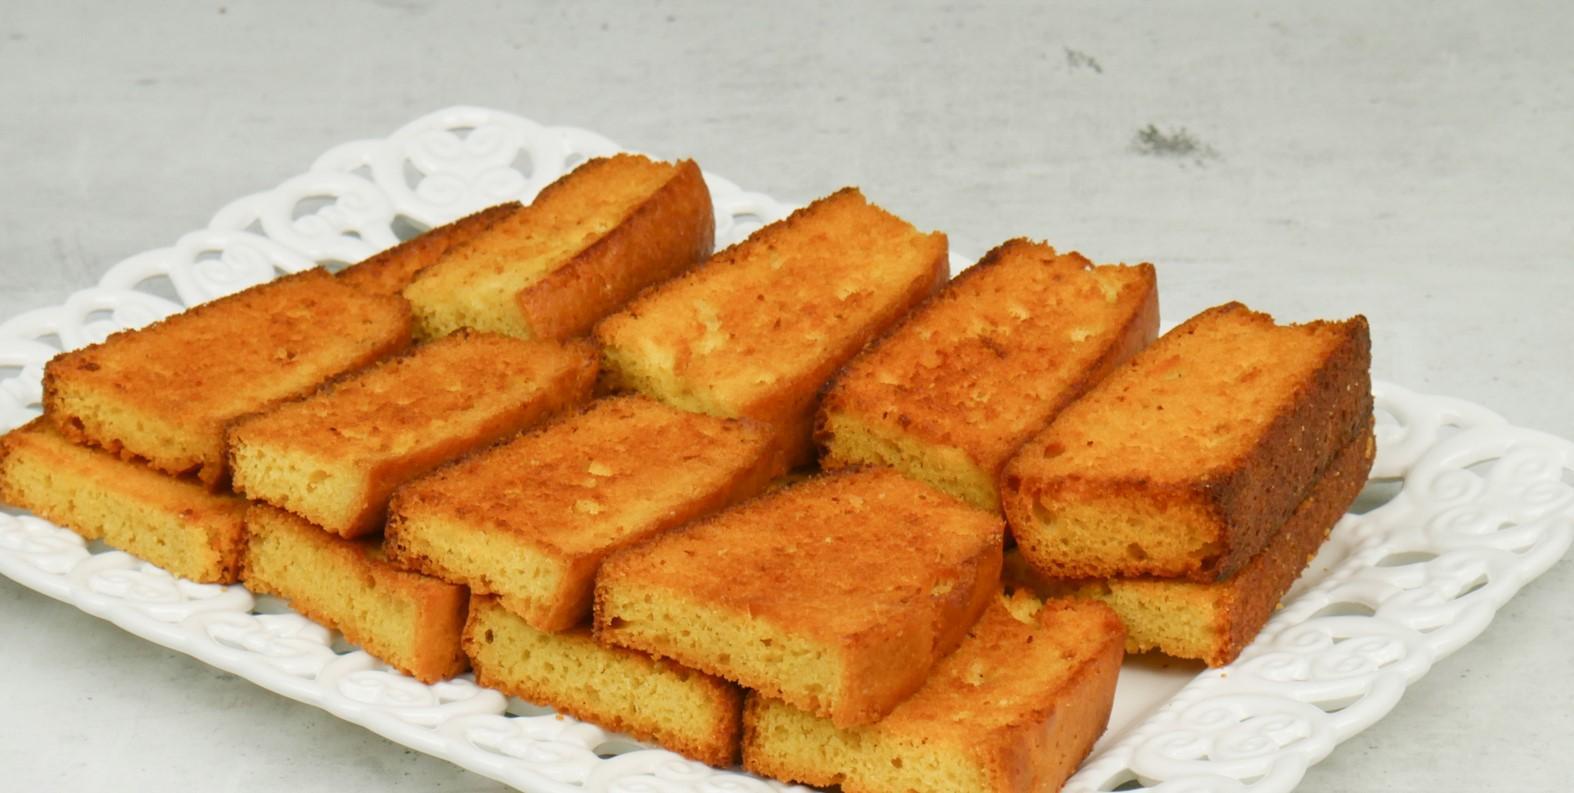 φρυγανισμένο κέικ